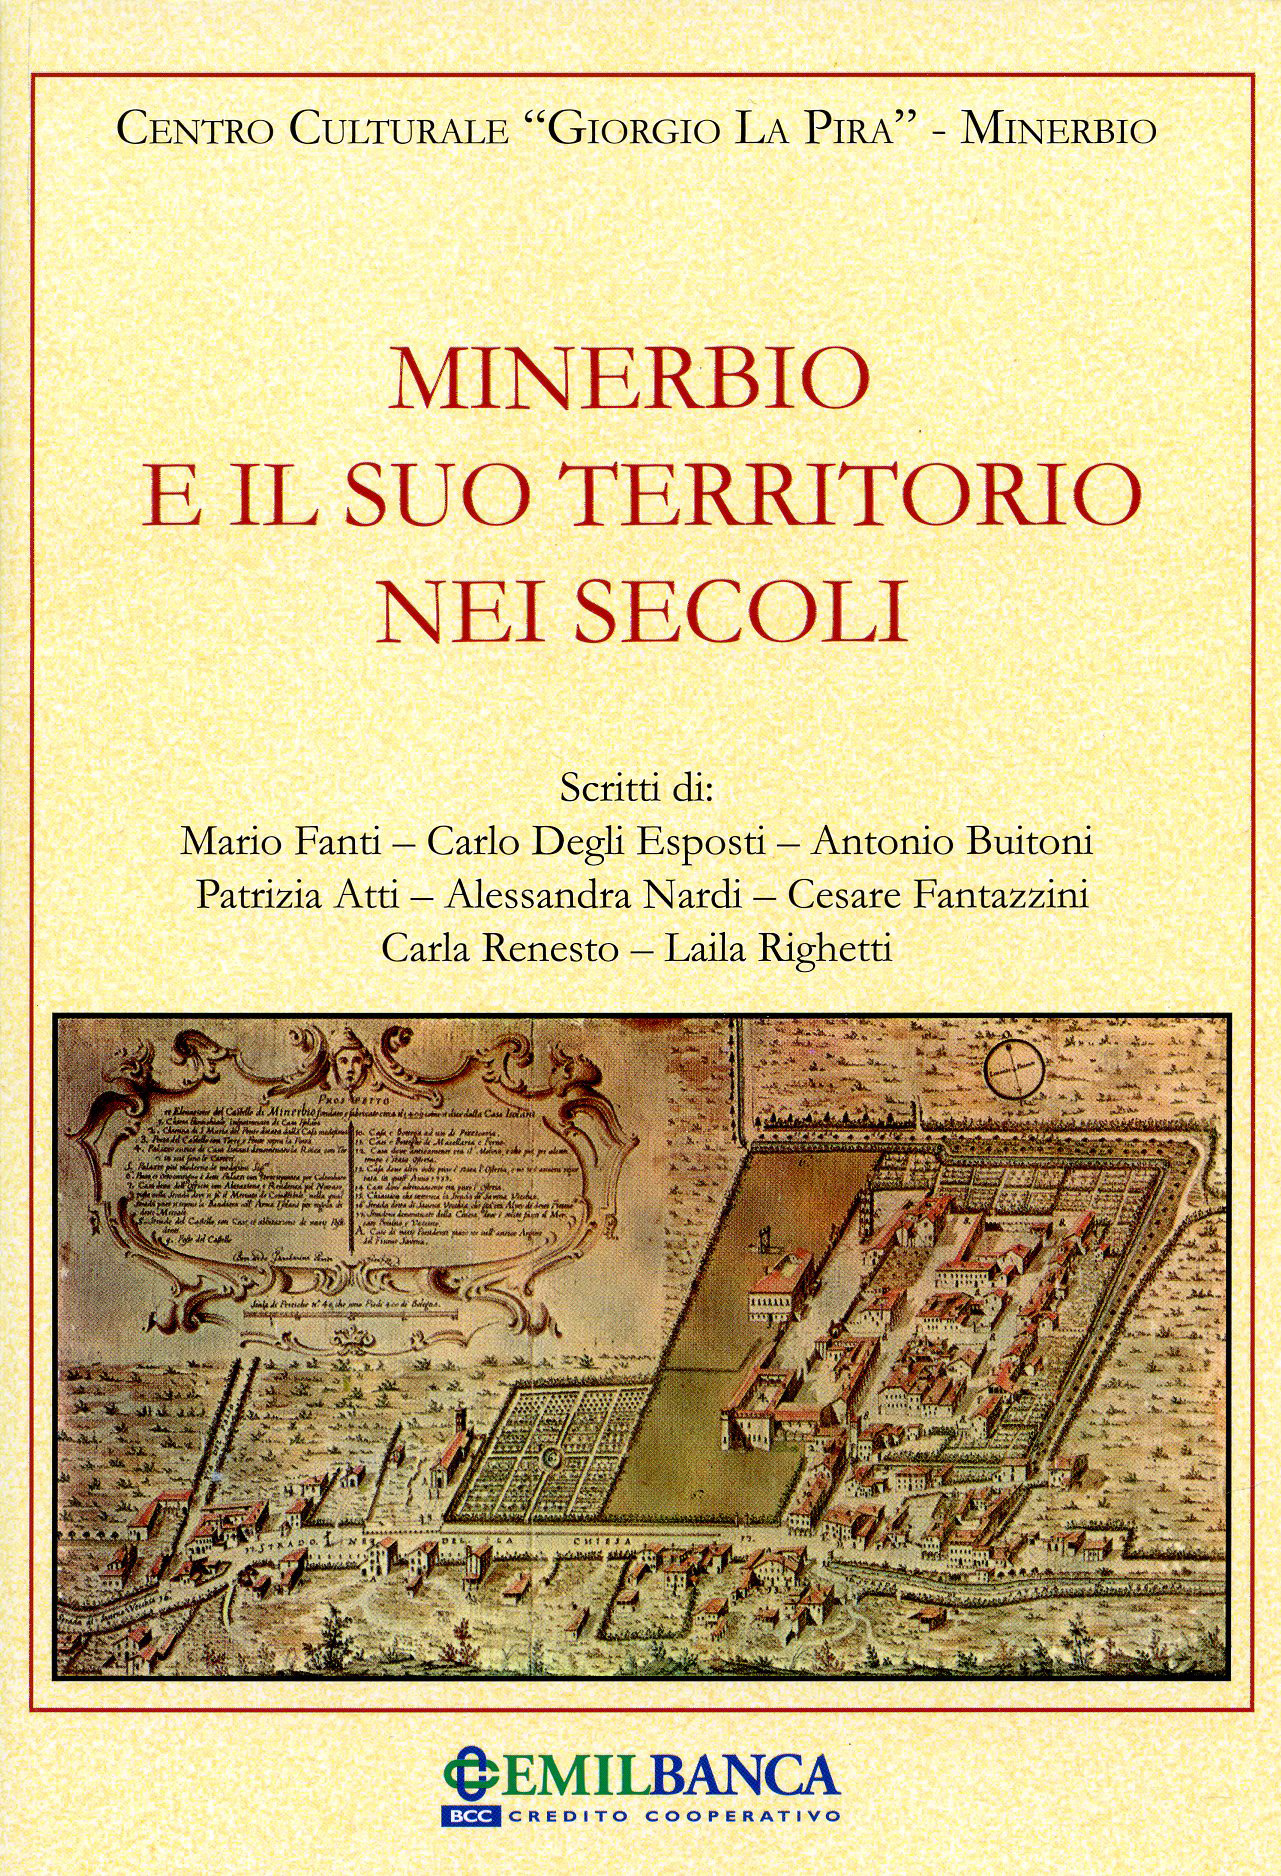 """Presentazione del libro """"Minerbio e il suo territorio nei secoli"""" del Centro Culturale La Pira"""